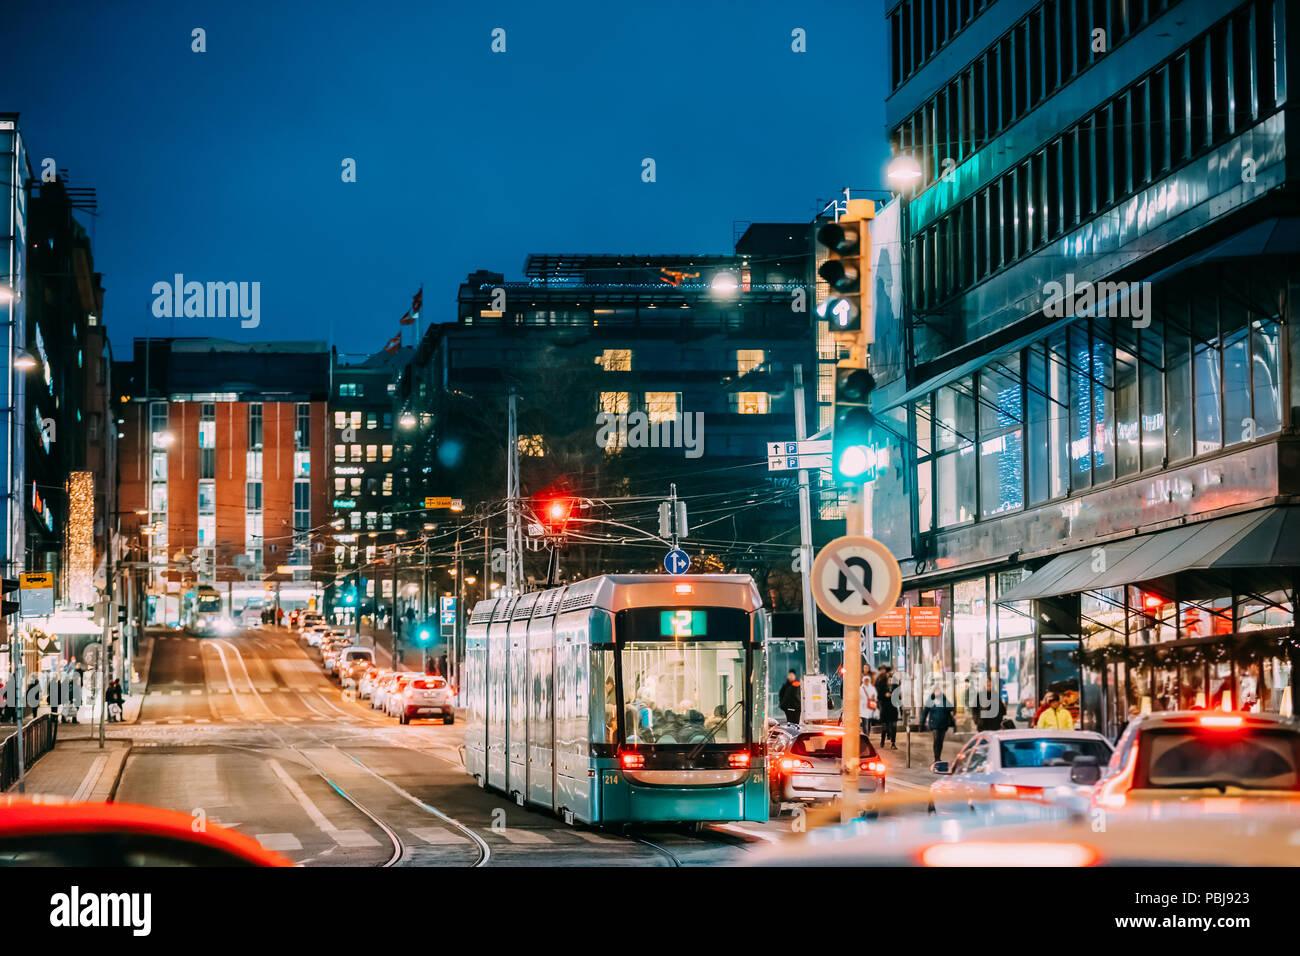 Helsinki, Finnland. Die Straßenbahn fährt von einem Anschlag auf Kaivokatu Straße in Helsinki. Nacht Blick auf Kaivokatu Straße in Kluuvi erhalten Bezirk am Abend oder in der Nacht krank Stockbild